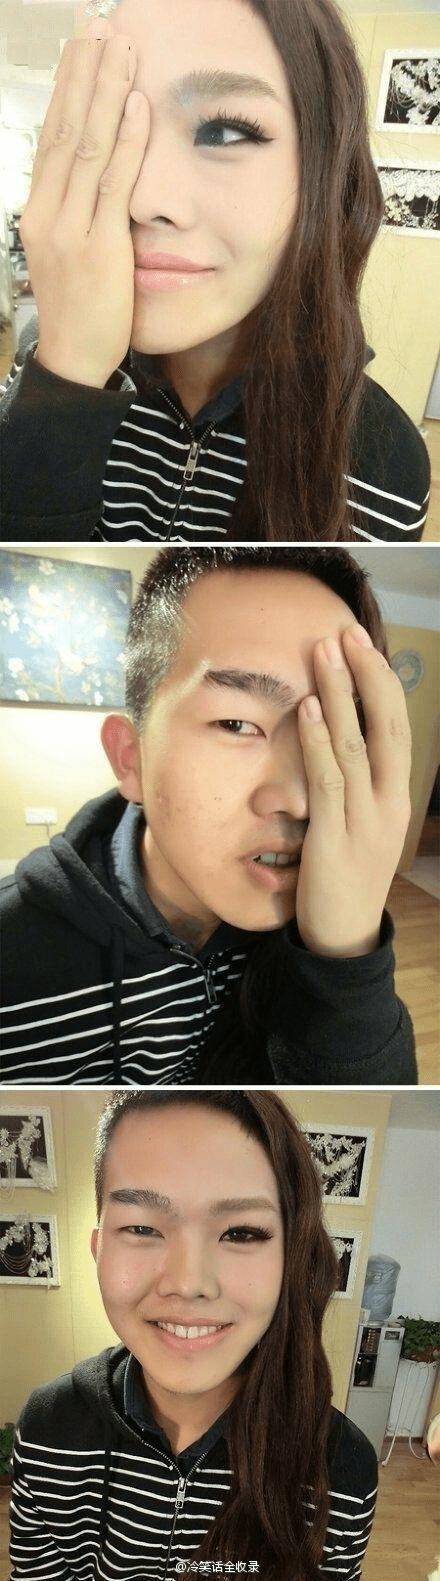 makeup selfie - 8252092928